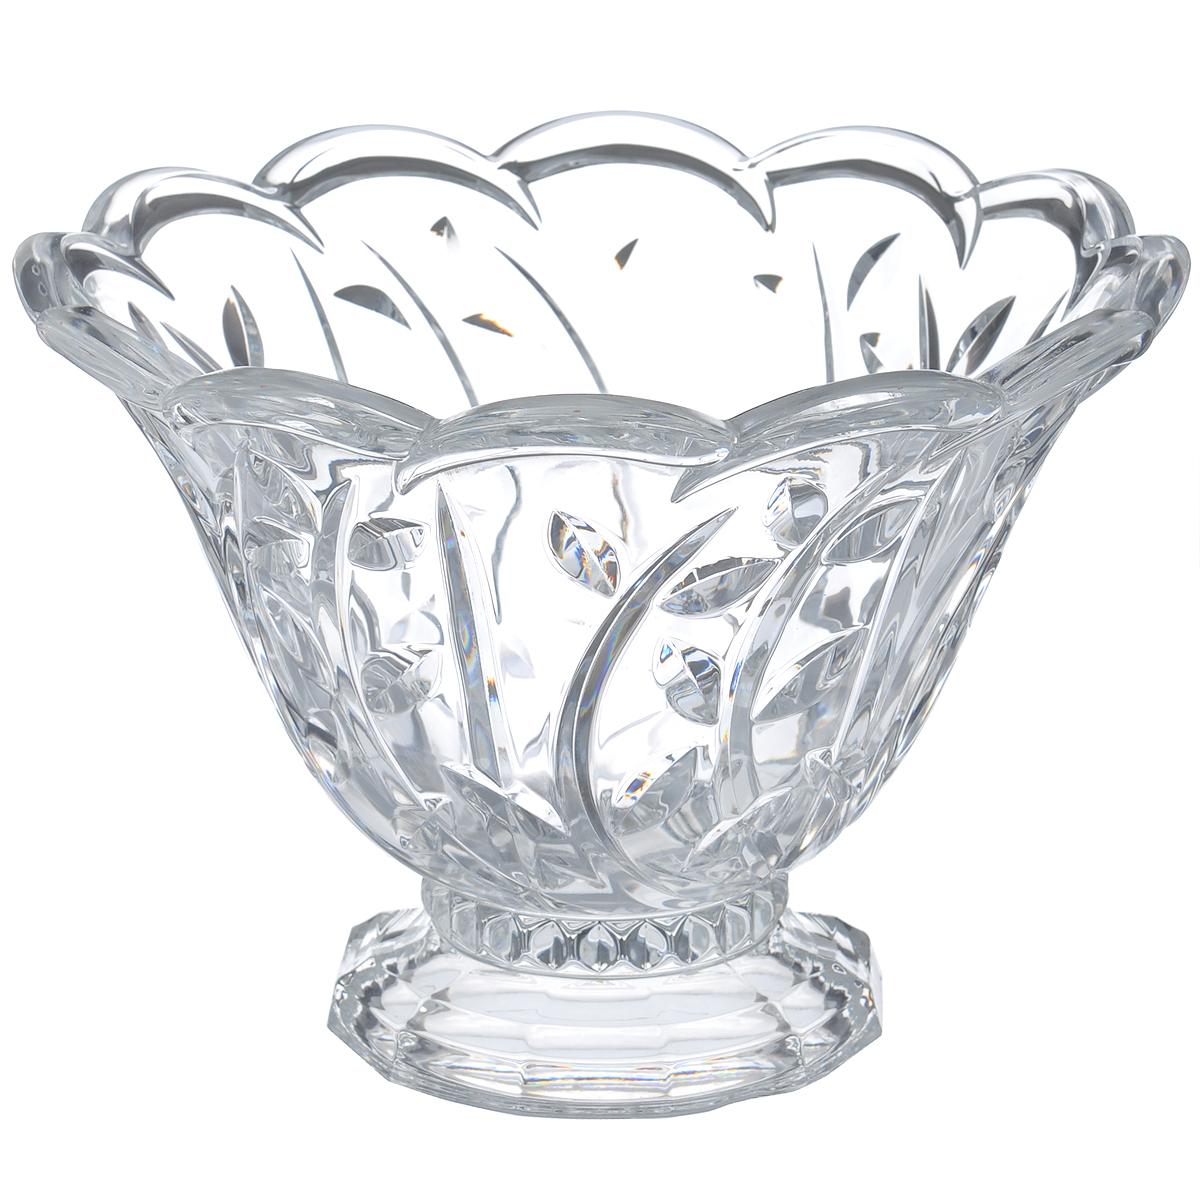 Салатник Crystal Bohemia Fairfa, диаметр 23 см115610Салатник Crystal Bohemia Fairfa изготовлен из хрусталя и выполнен в форме большой чаши на подставке, декорированной рельефным изображением растений и волнистыми краями. Данный салатник сочетает в себе изысканный дизайн с максимальной функциональностью. Он прекрасно впишется в интерьер вашей кухни и станет достойным дополнением к кухонному инвентарю. Такой салатник не только украсит ваш кухонный стол и подчеркнет прекрасный вкус хозяйки, но и станет отличным подарком.Диаметр: 23 см.Высота: 16,5 см.